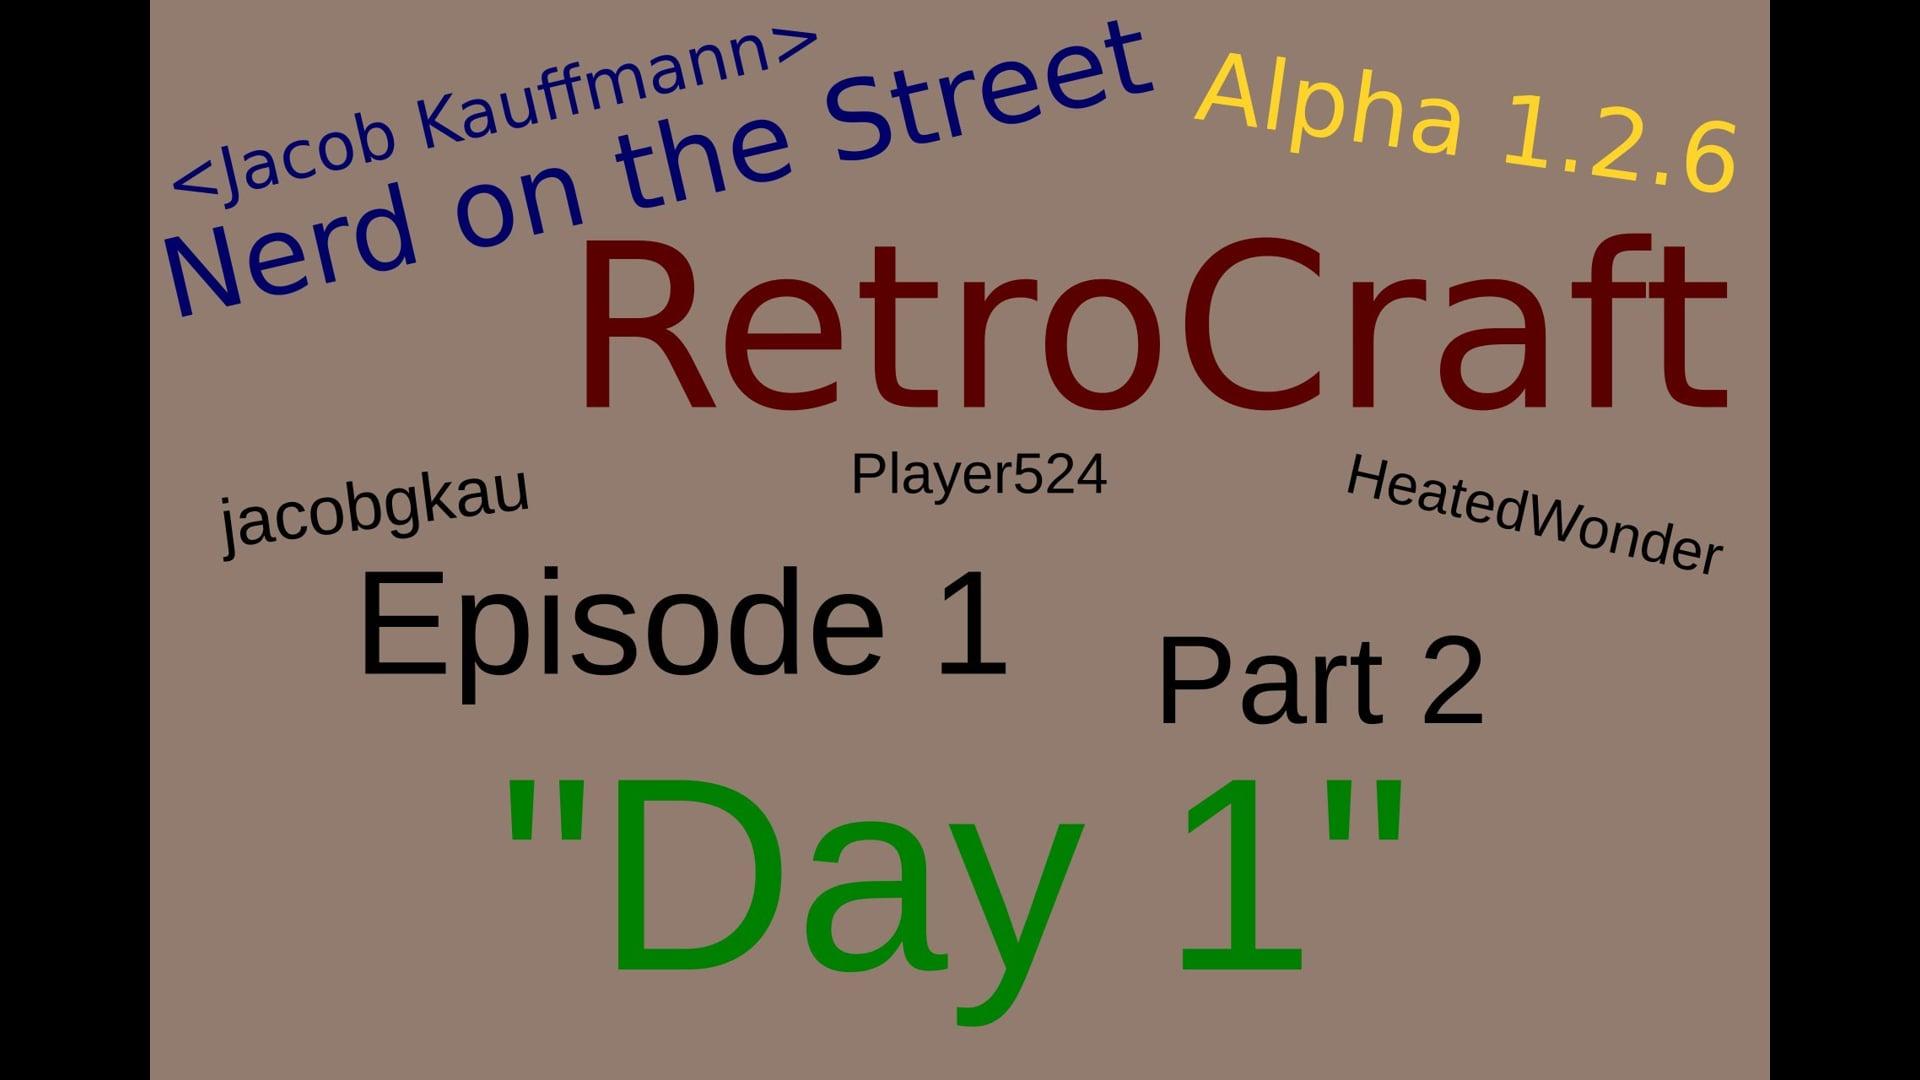 Day 1 - Part 2 - RetroCraft